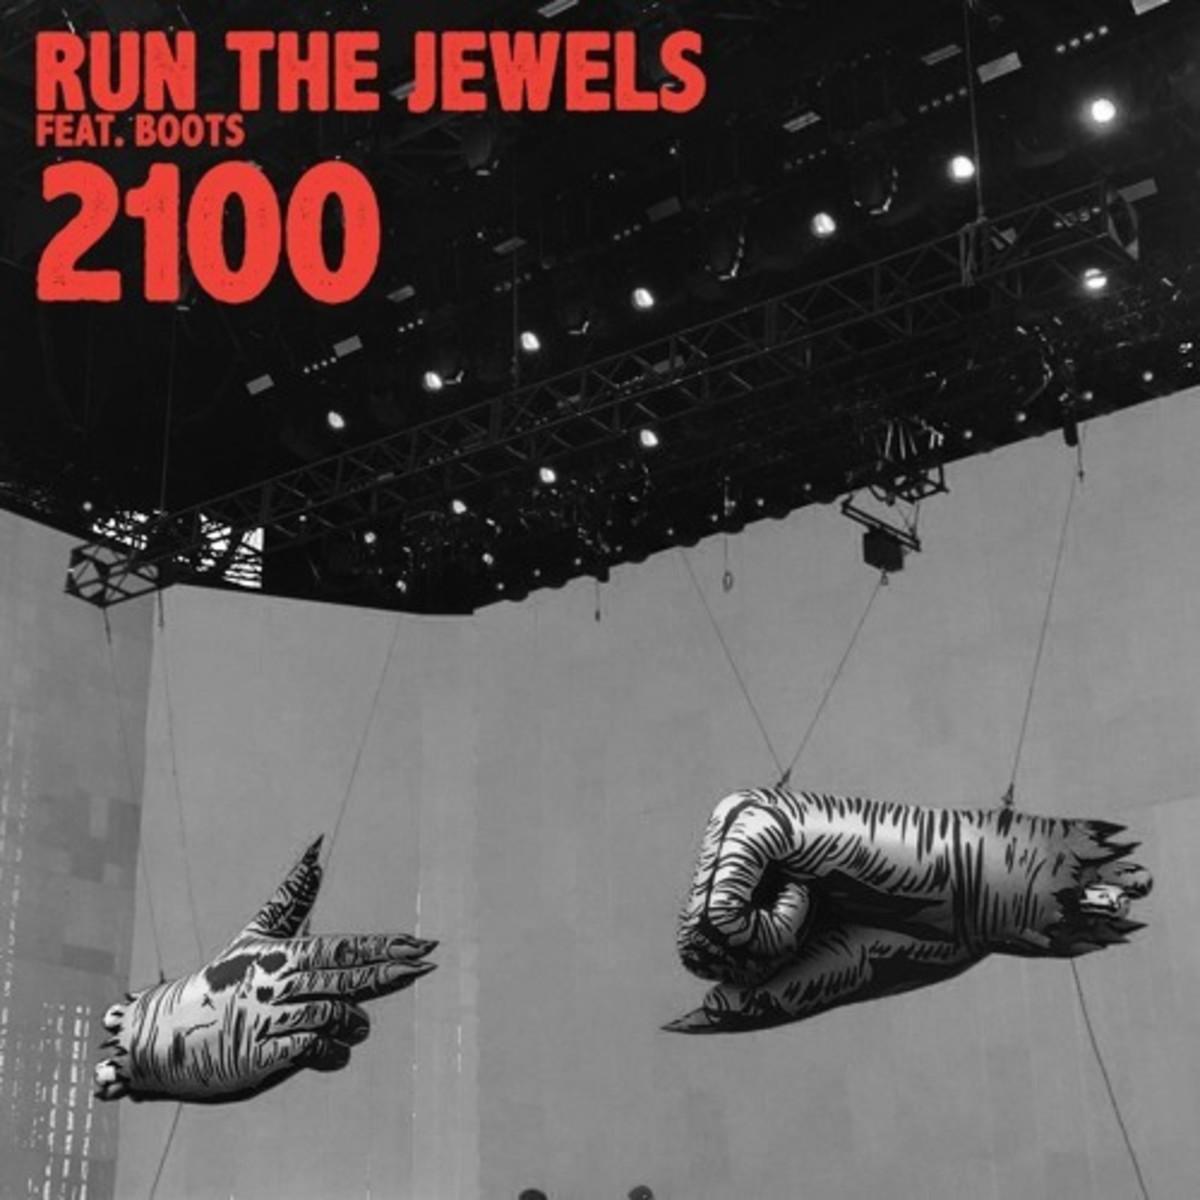 run-the-jewels-2100.jpg